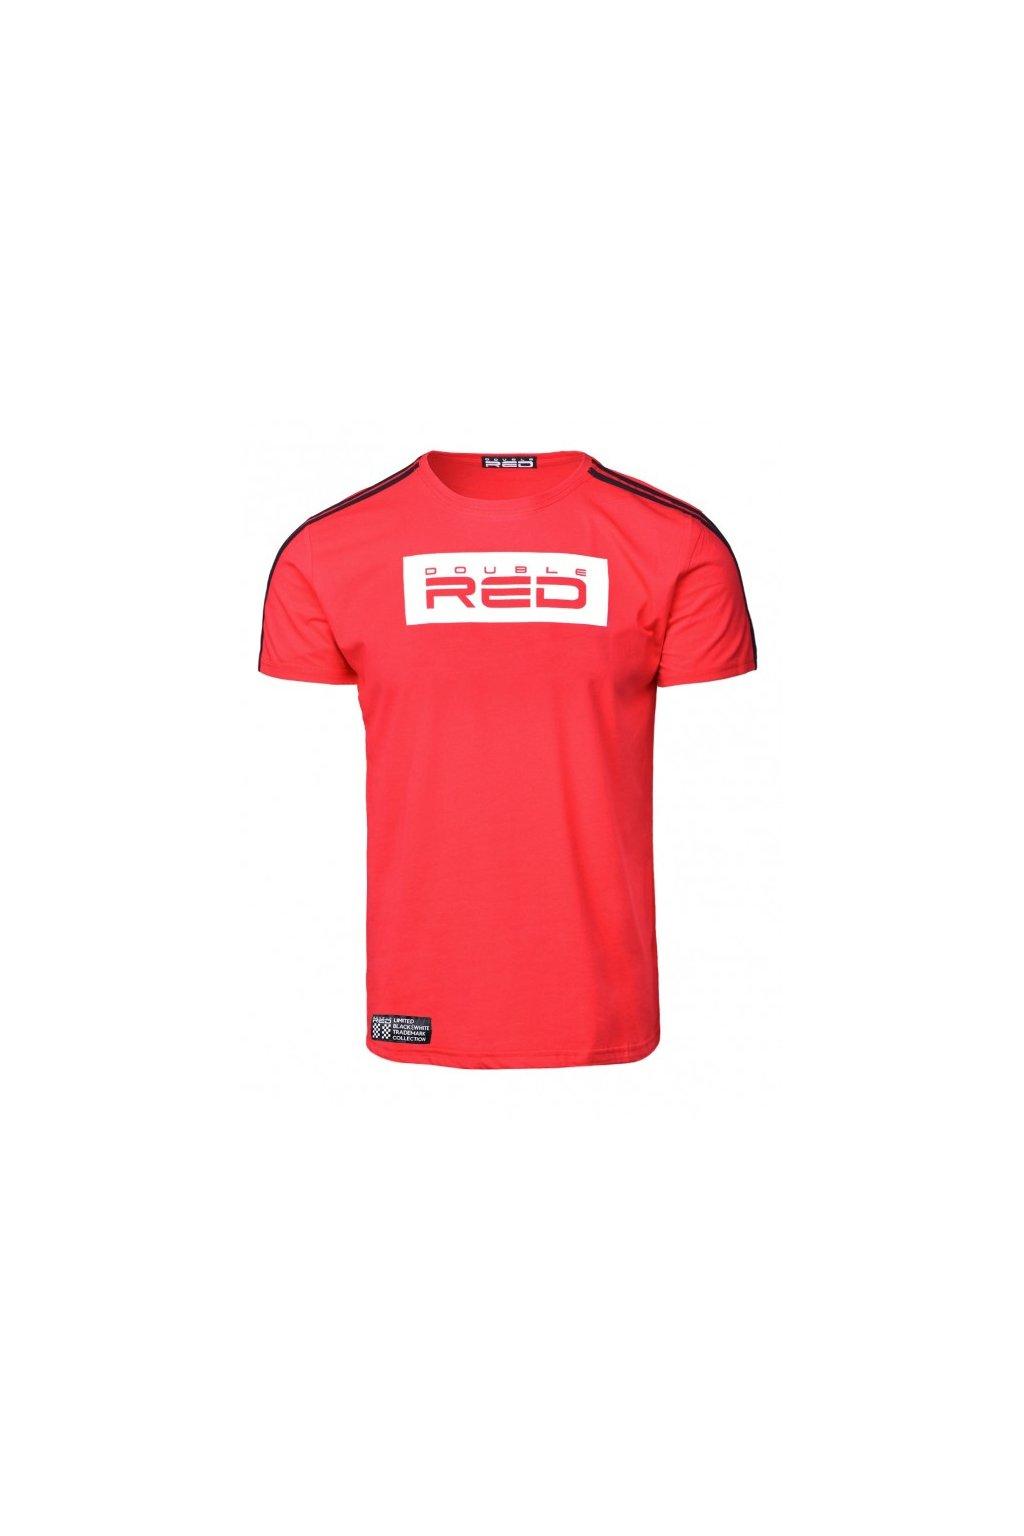 Pánské triko Double Red B&W Edition červená obr1